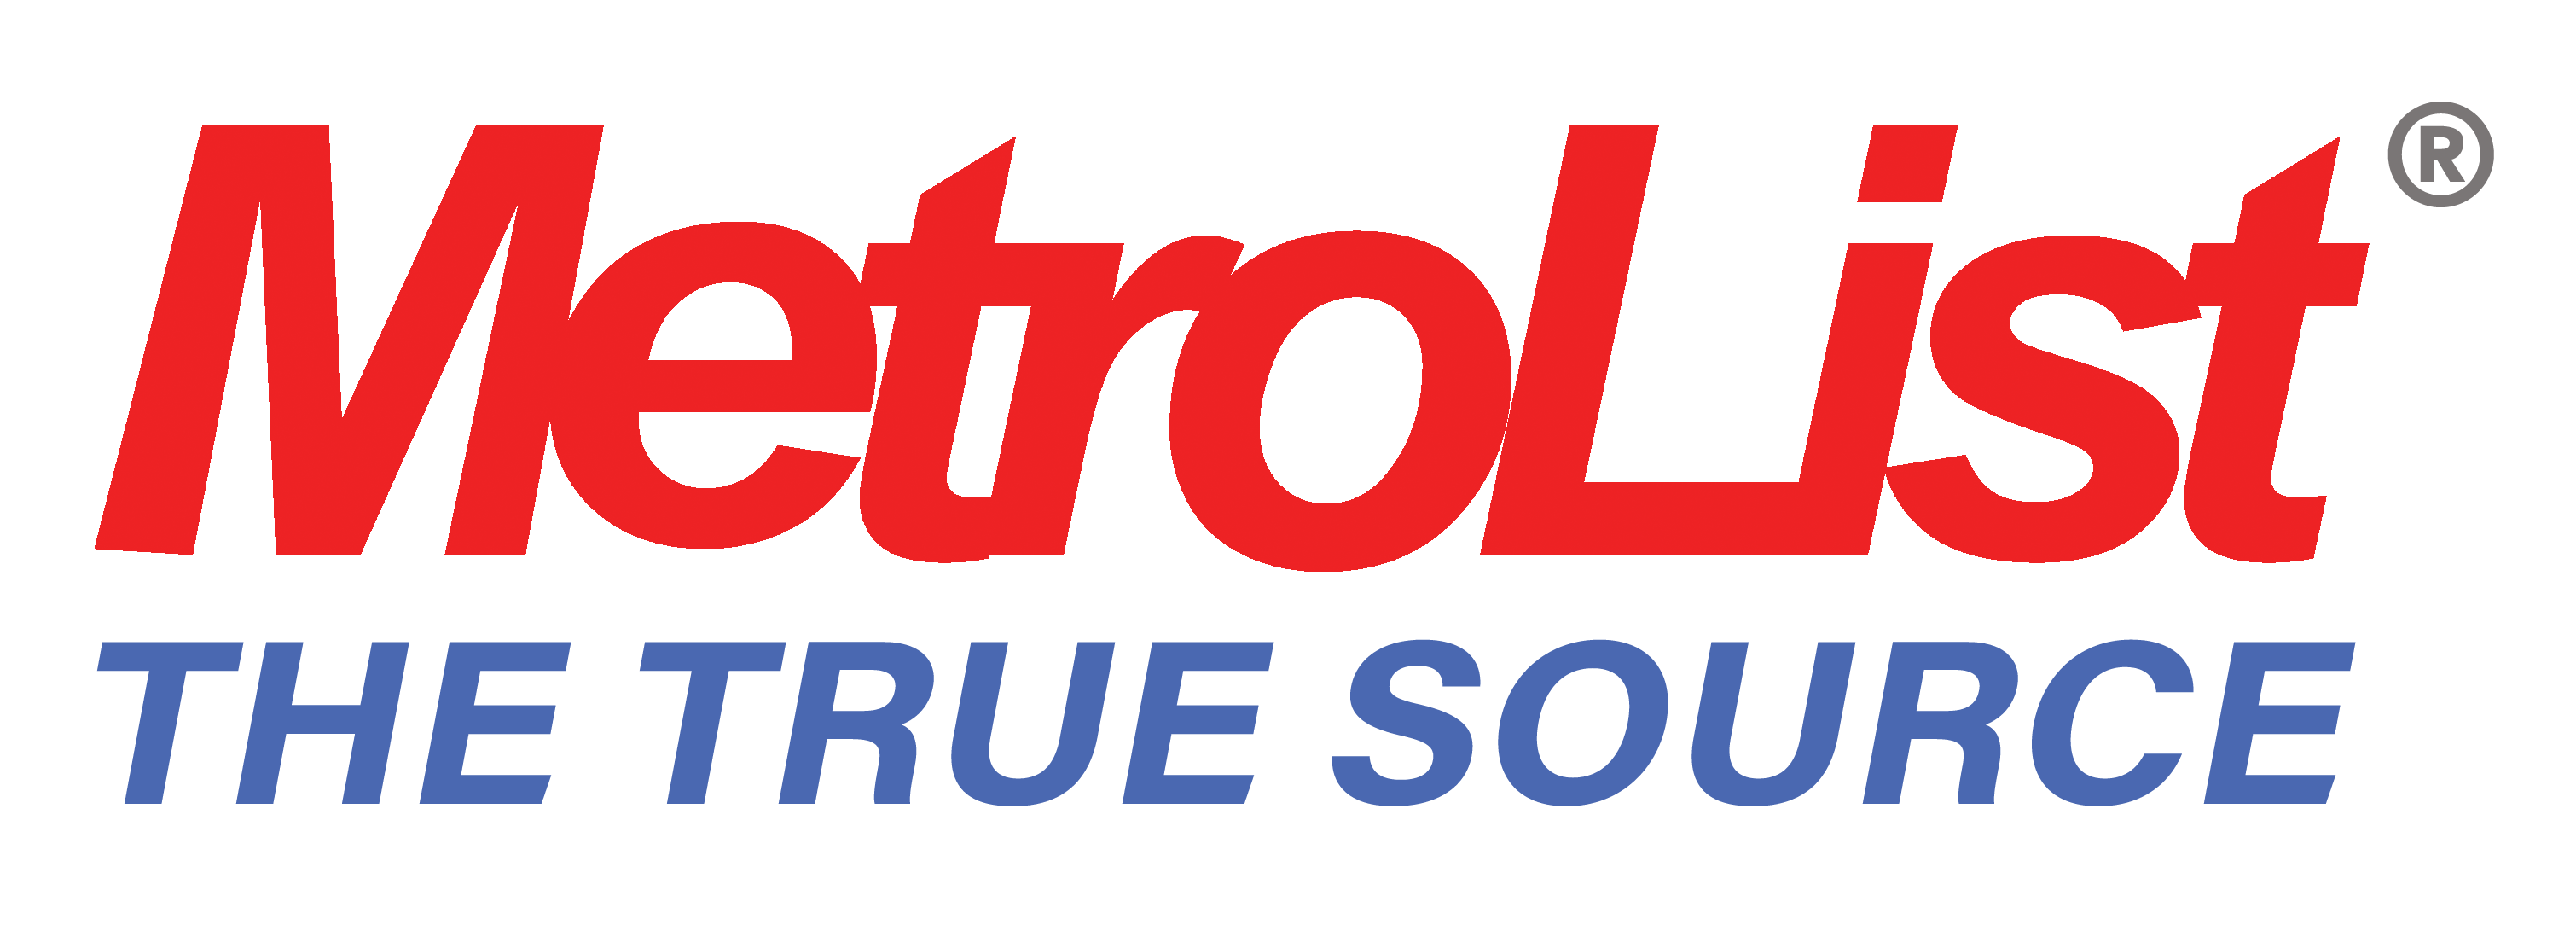 Metrolist-Logo_2020_The-True-Source-Logo